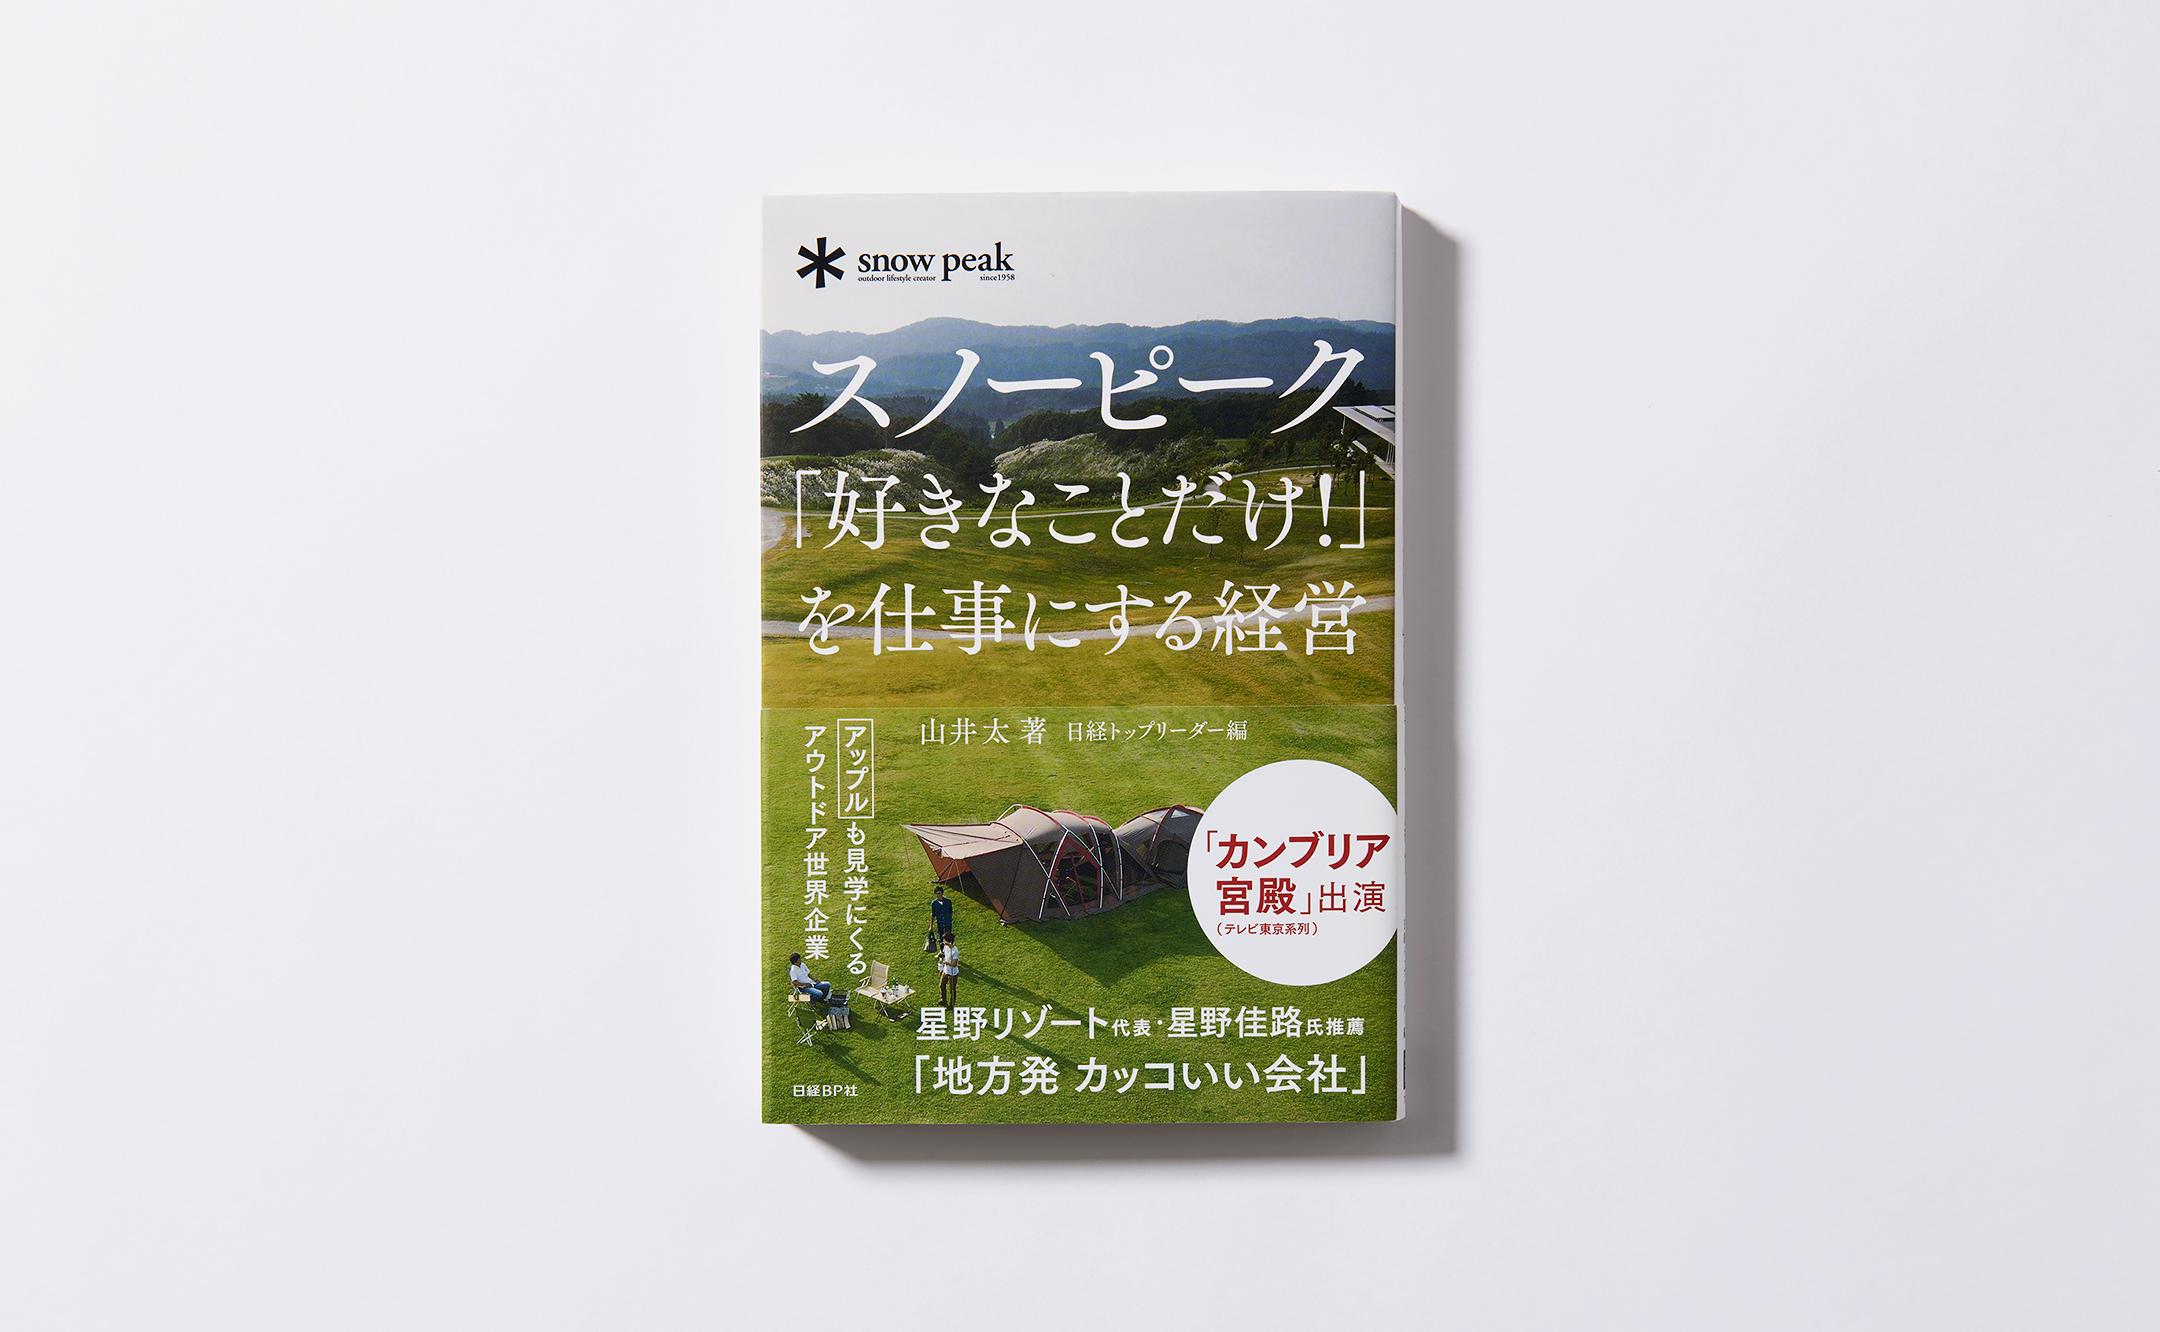 スノーピーク 山井 太氏著『スノーピーク「好きなことだけ!」を仕事にする経営』